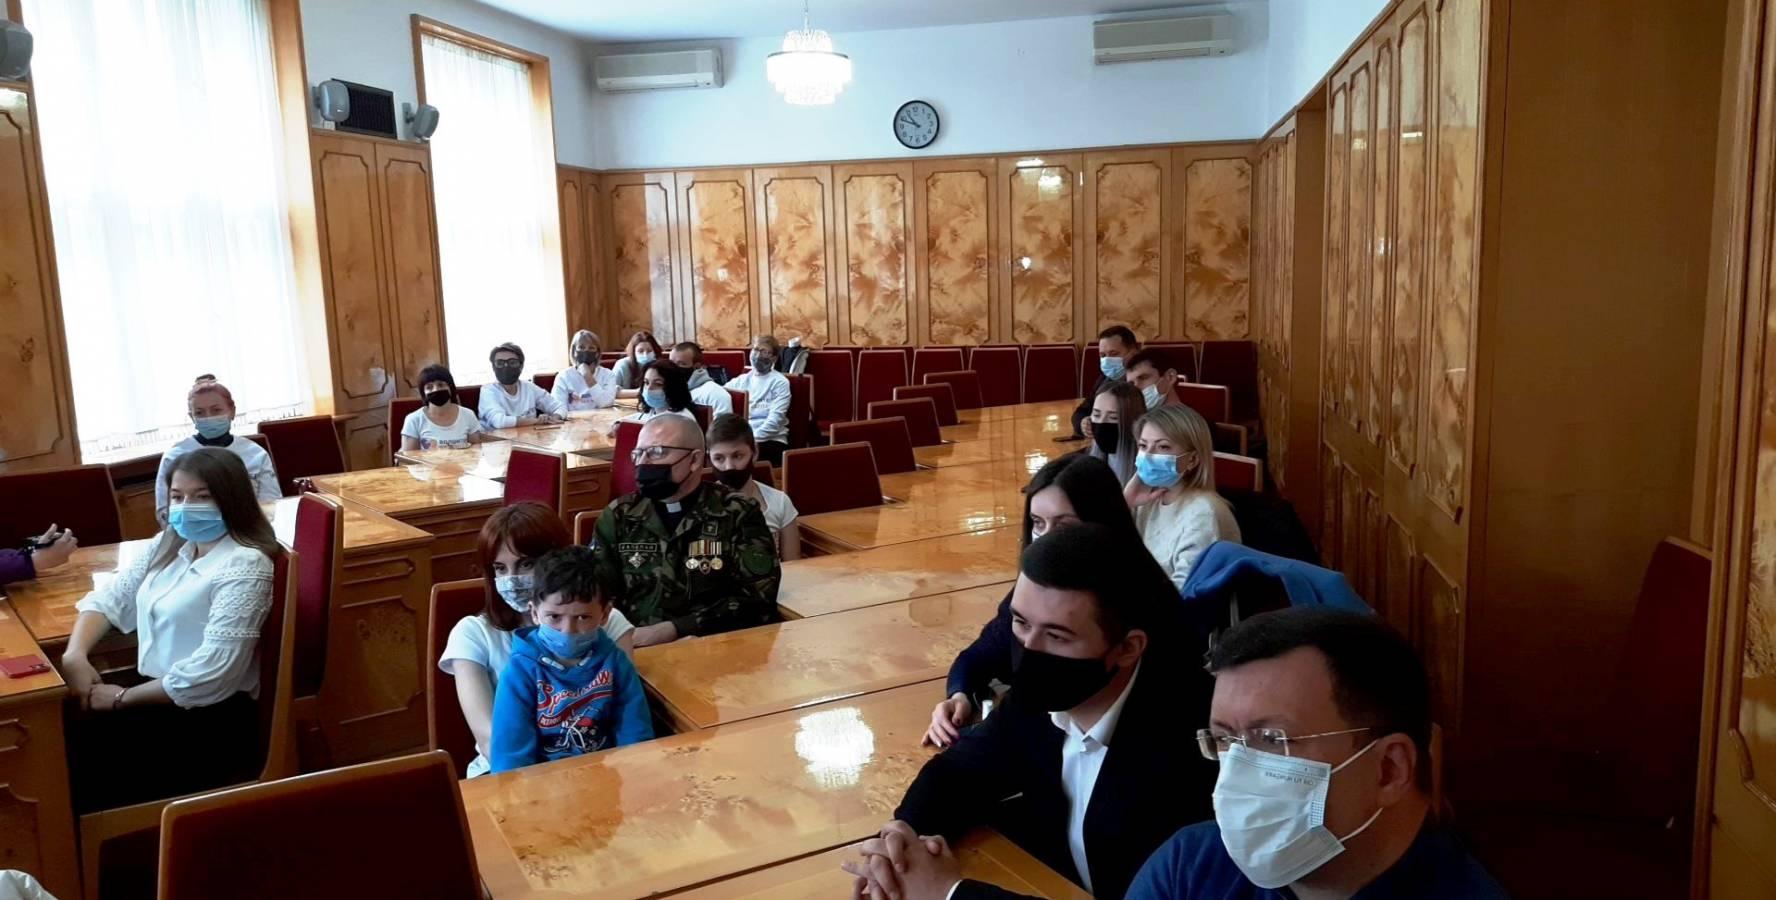 Перший на Закарпатті Волонтерський центр відкрили в Ужгороді